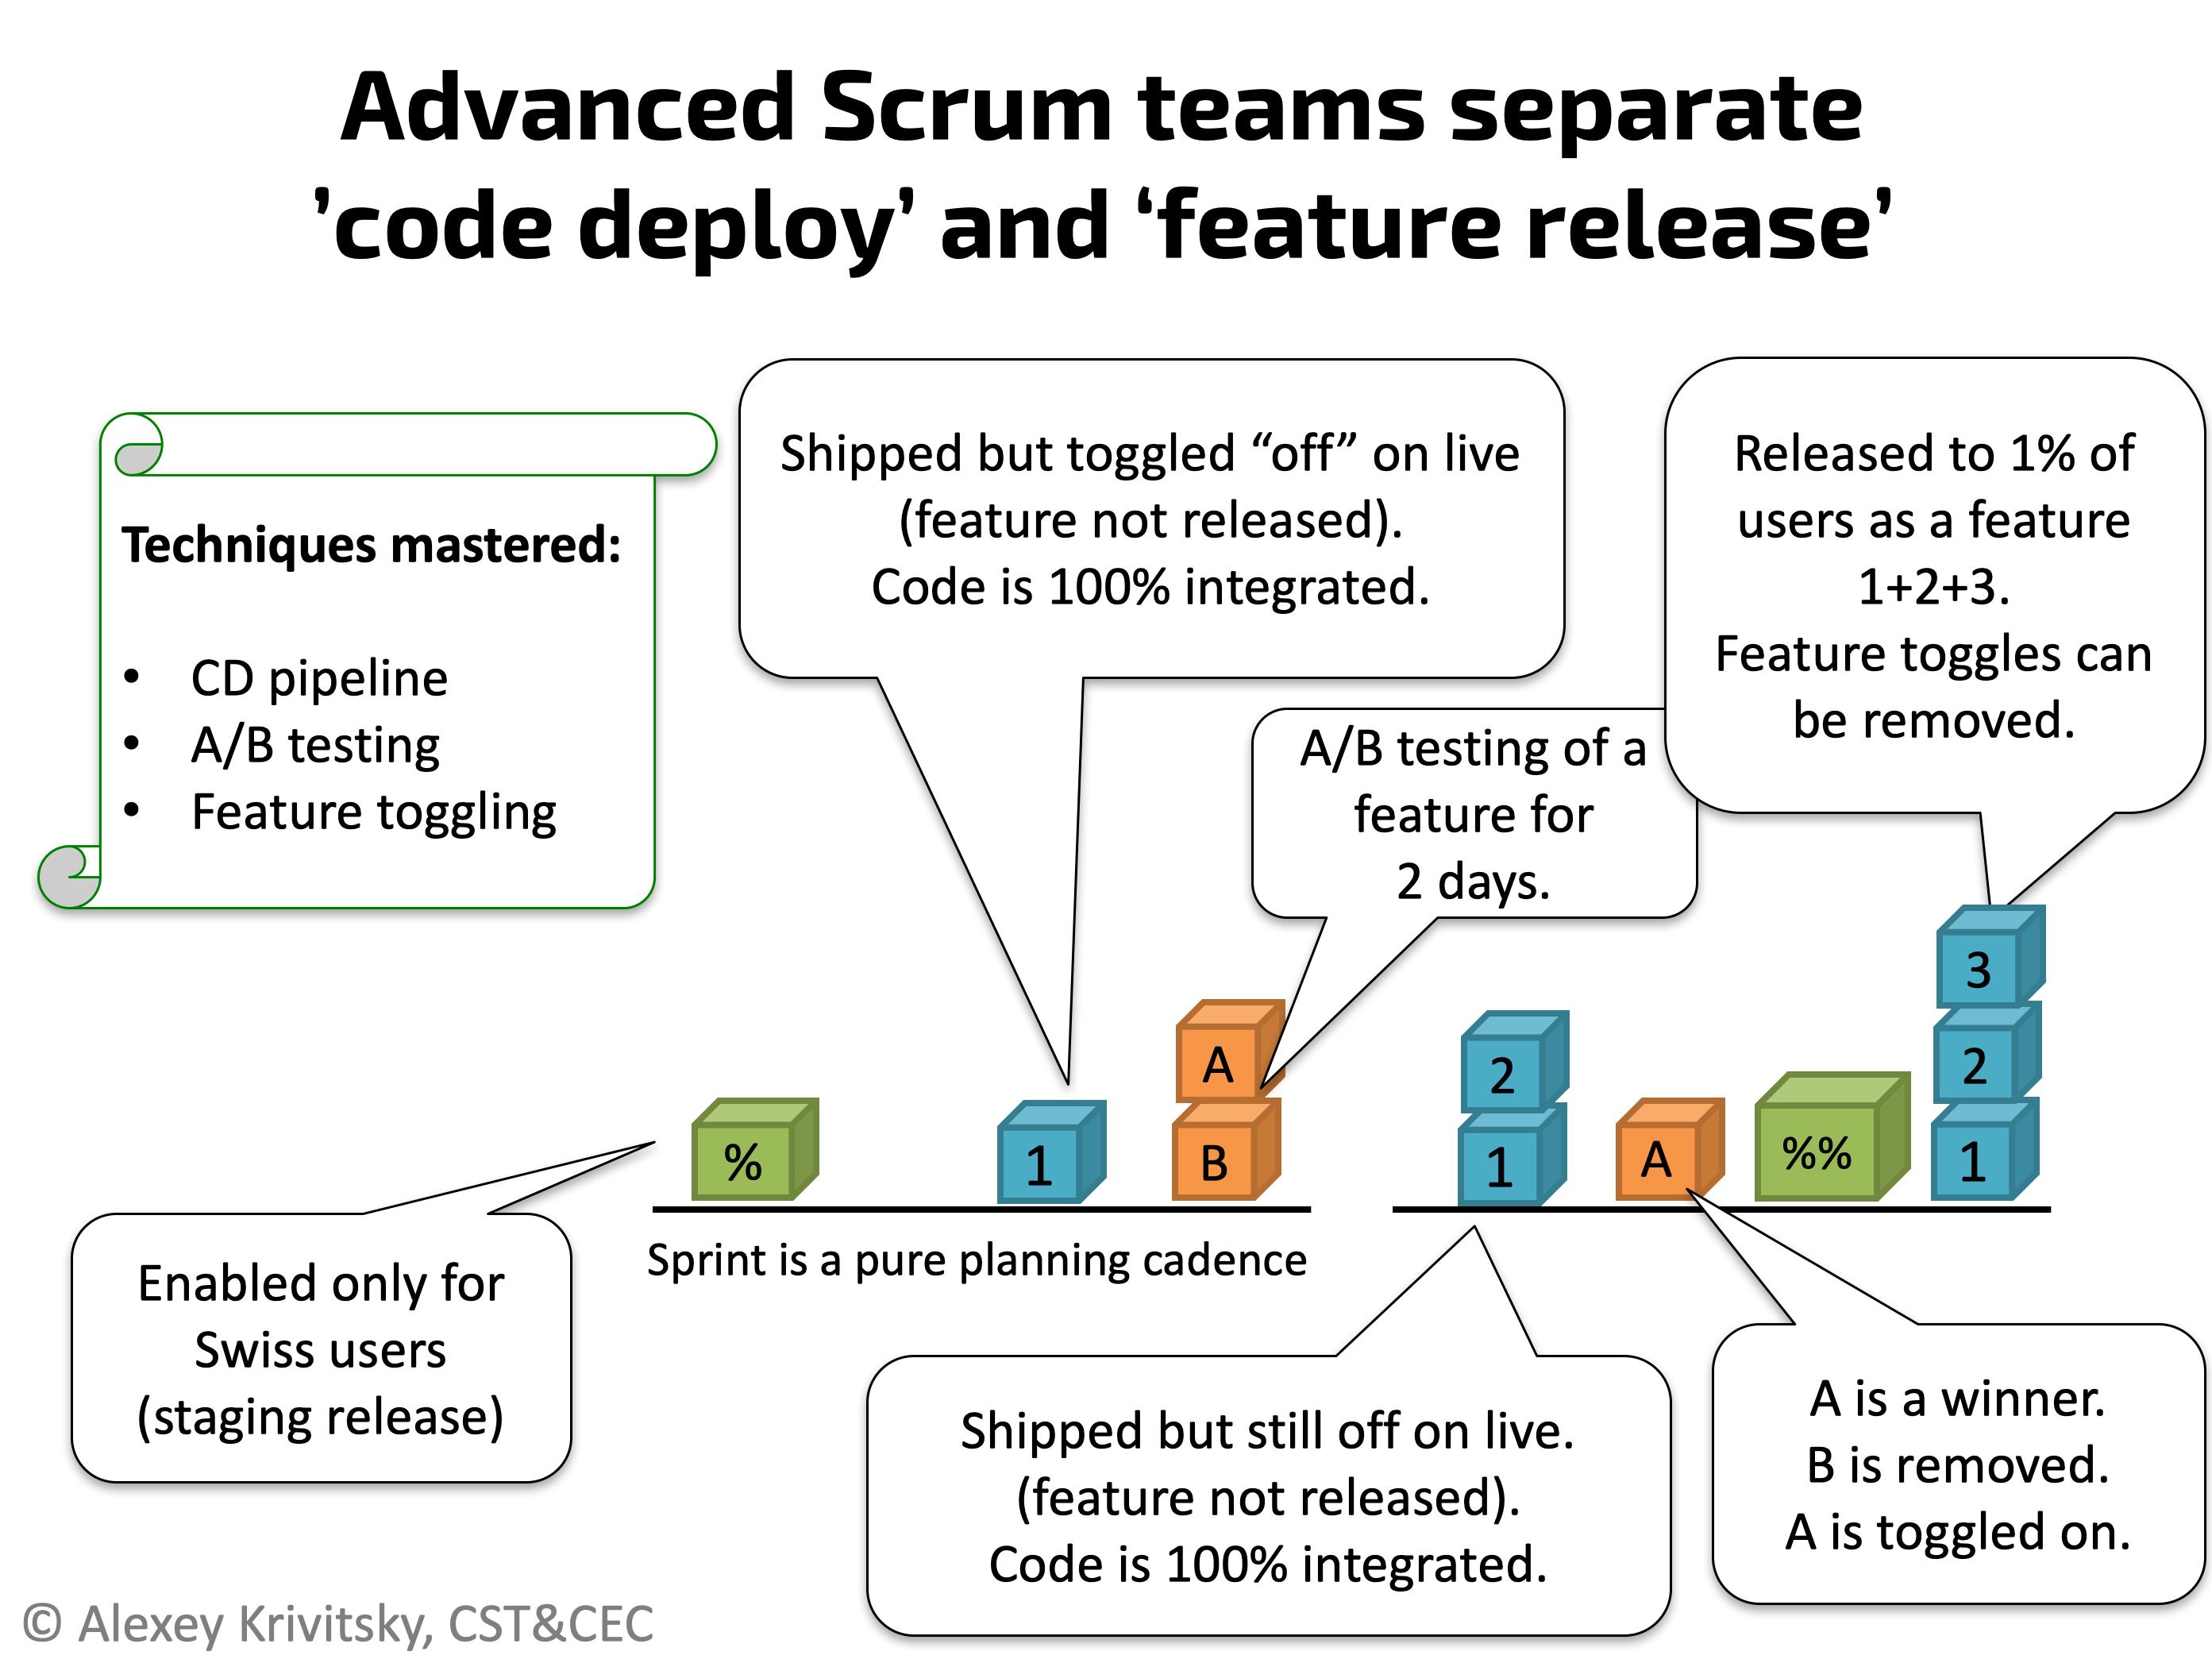 Advanced Scrum Teams и их продвинутые инженерные практики